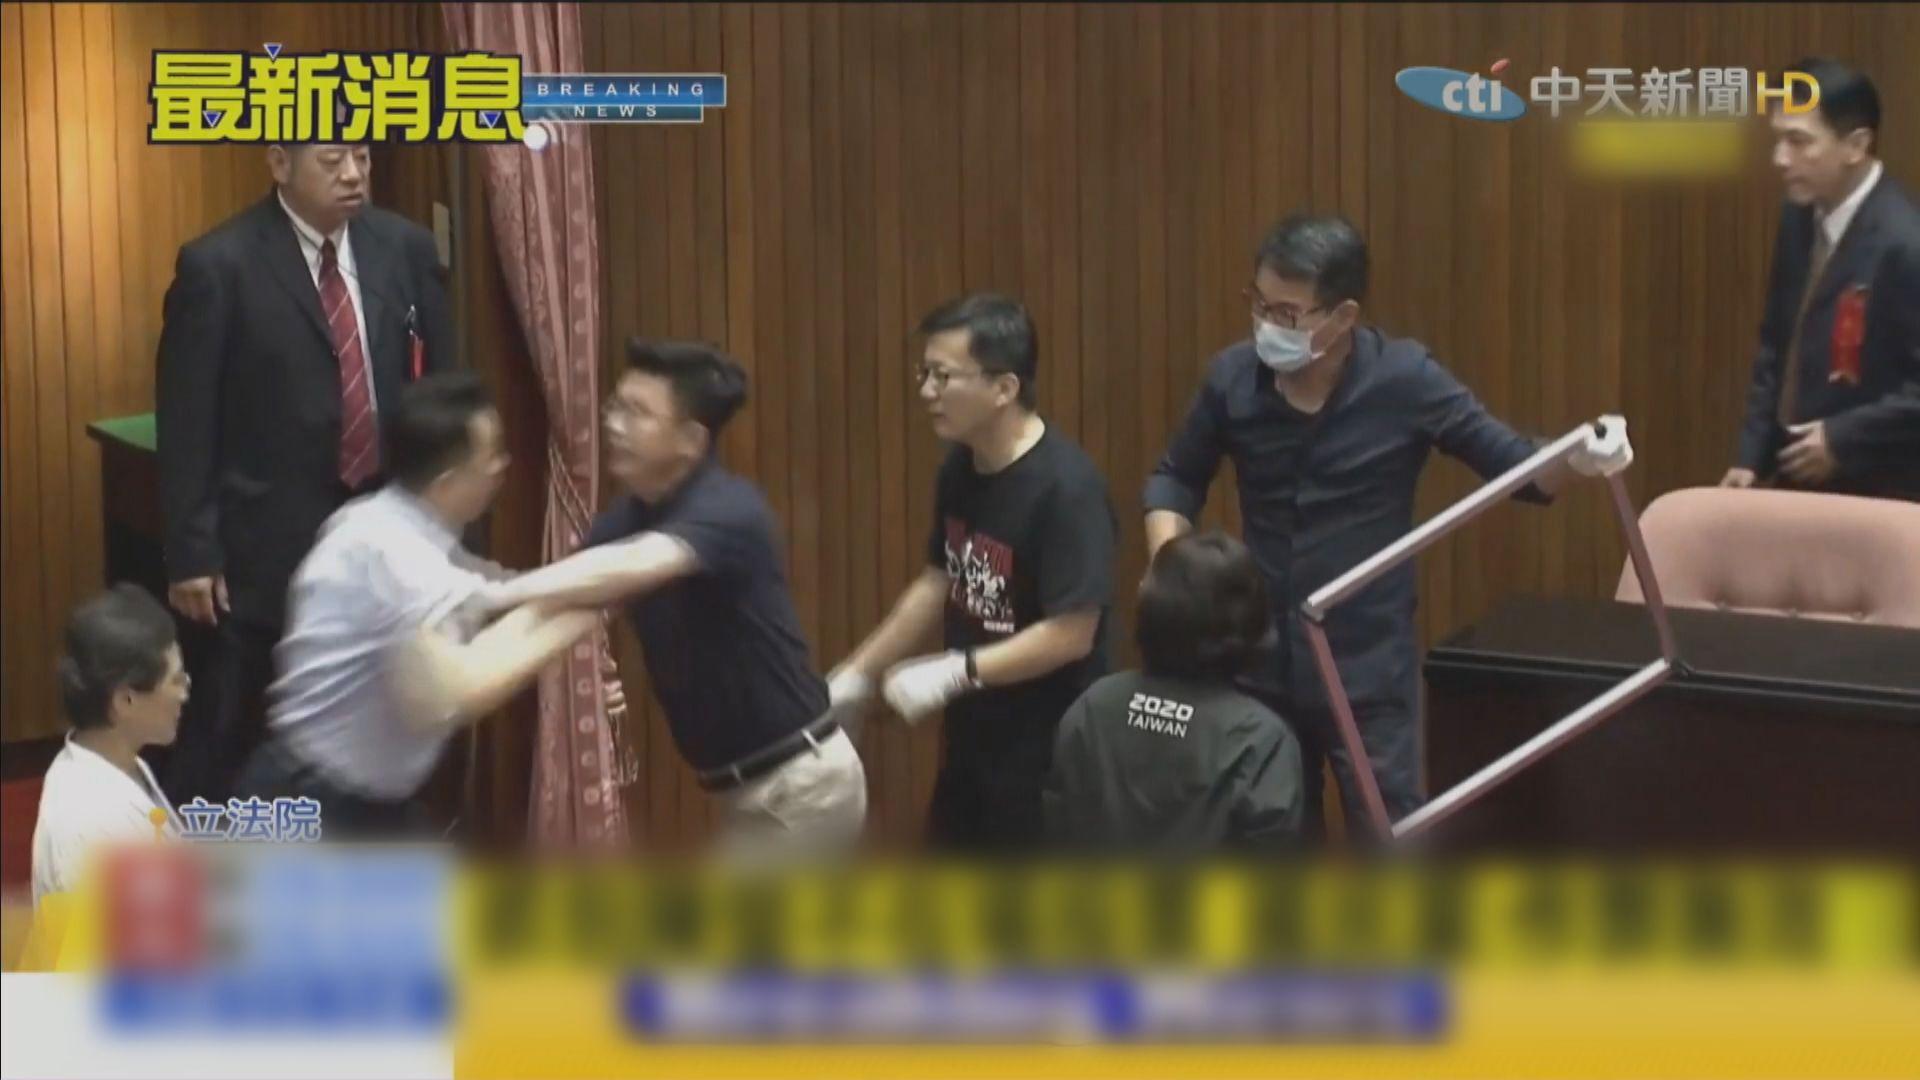 立法院今表決是否由陳菊擔任監察院長 藍綠再爆衝突